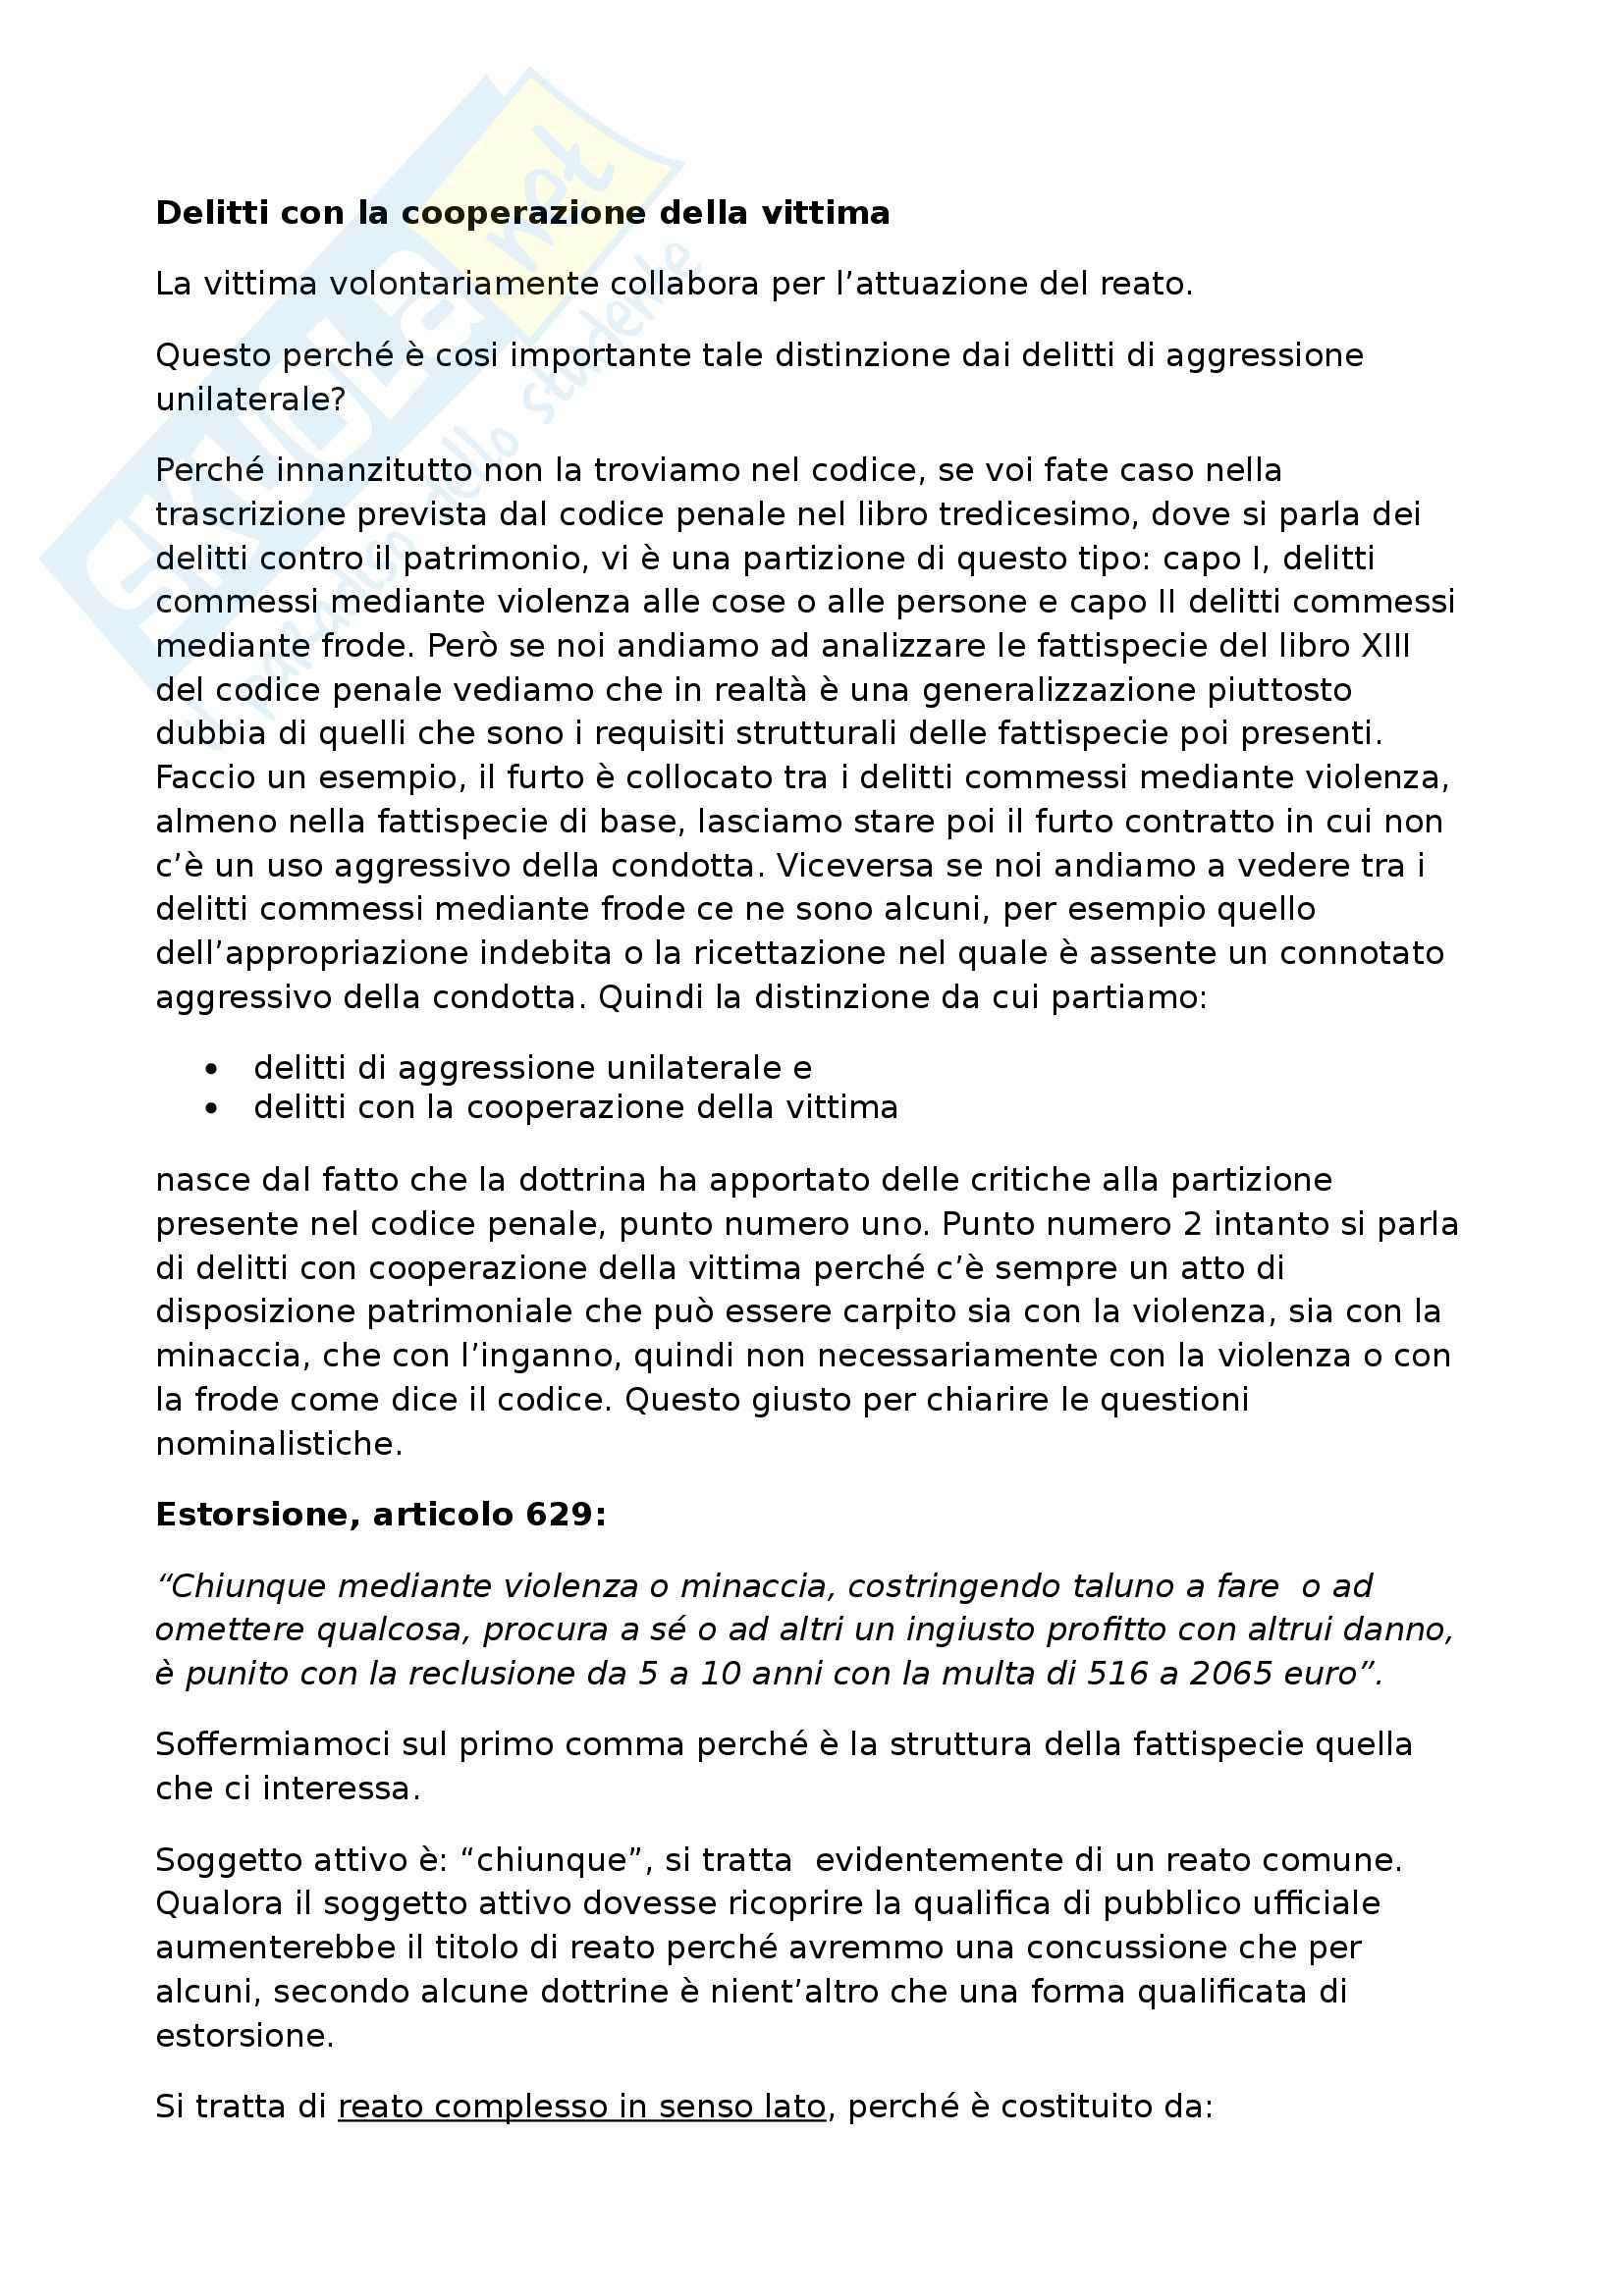 Diritto penale progredito - Lezione 1 sul seminario sui delitti con la cooperazione della vittima